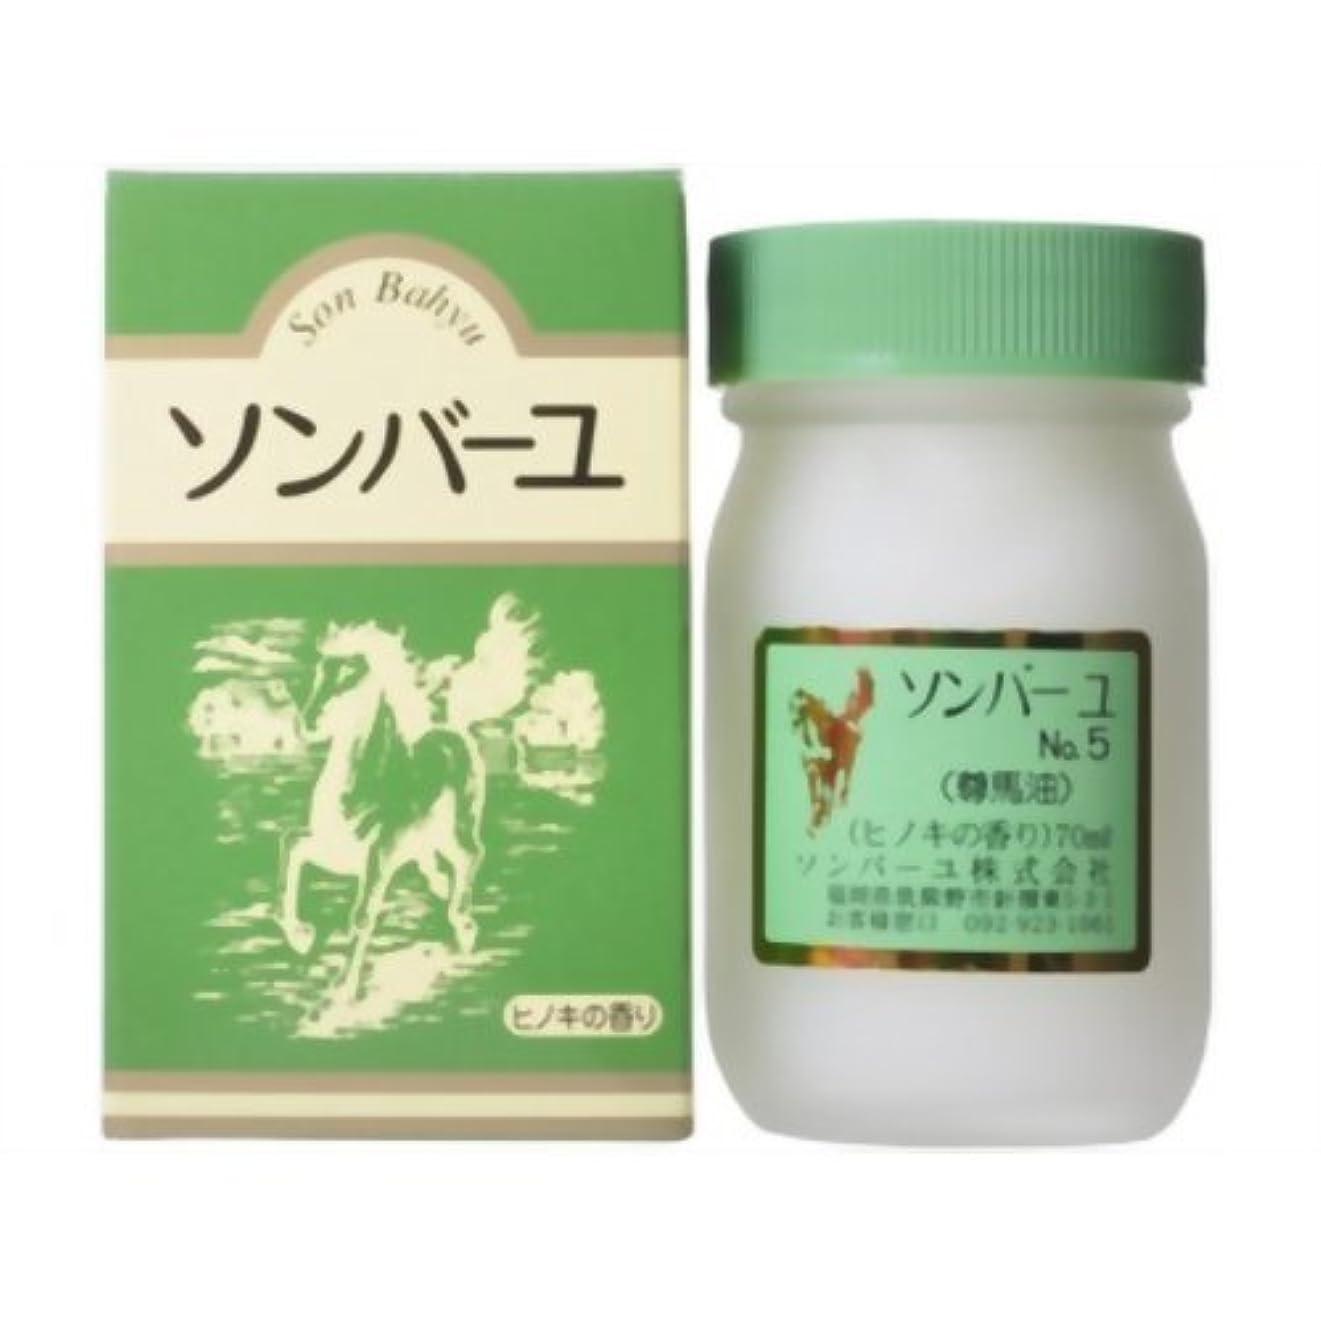 何もない相反する想像力豊かなソンバーユ ヒノキの香り 70ml